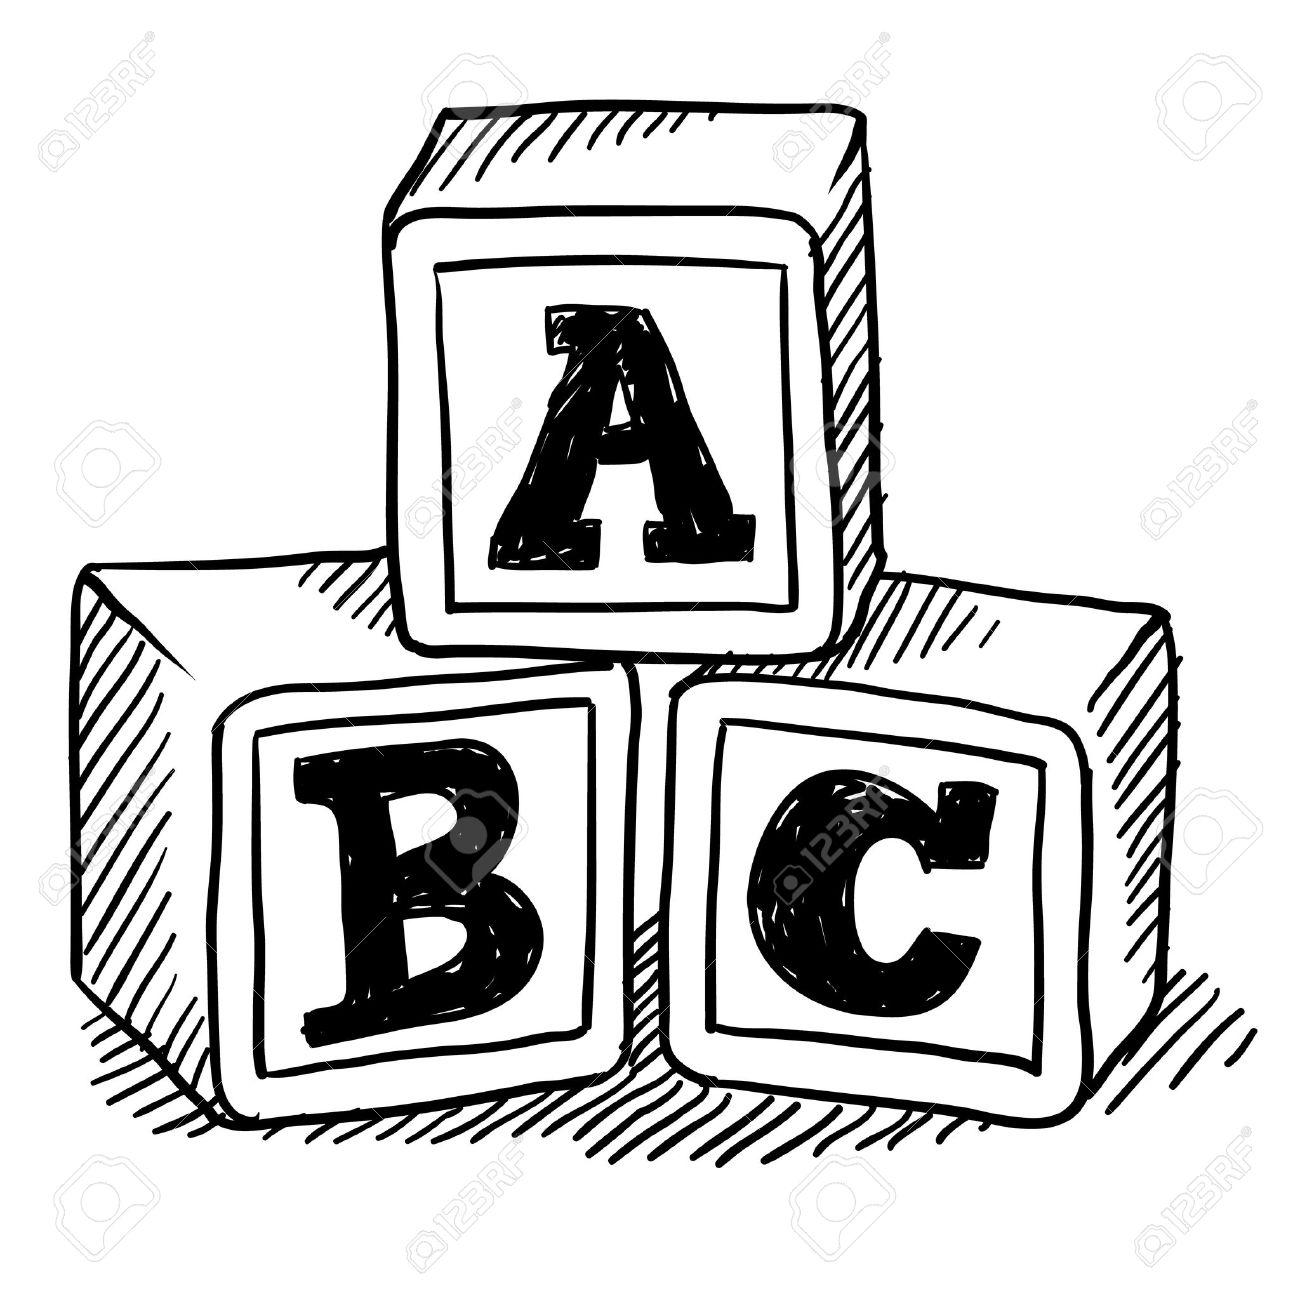 Abc Building Blocks Clipart - .-Abc building blocks clipart - .-15